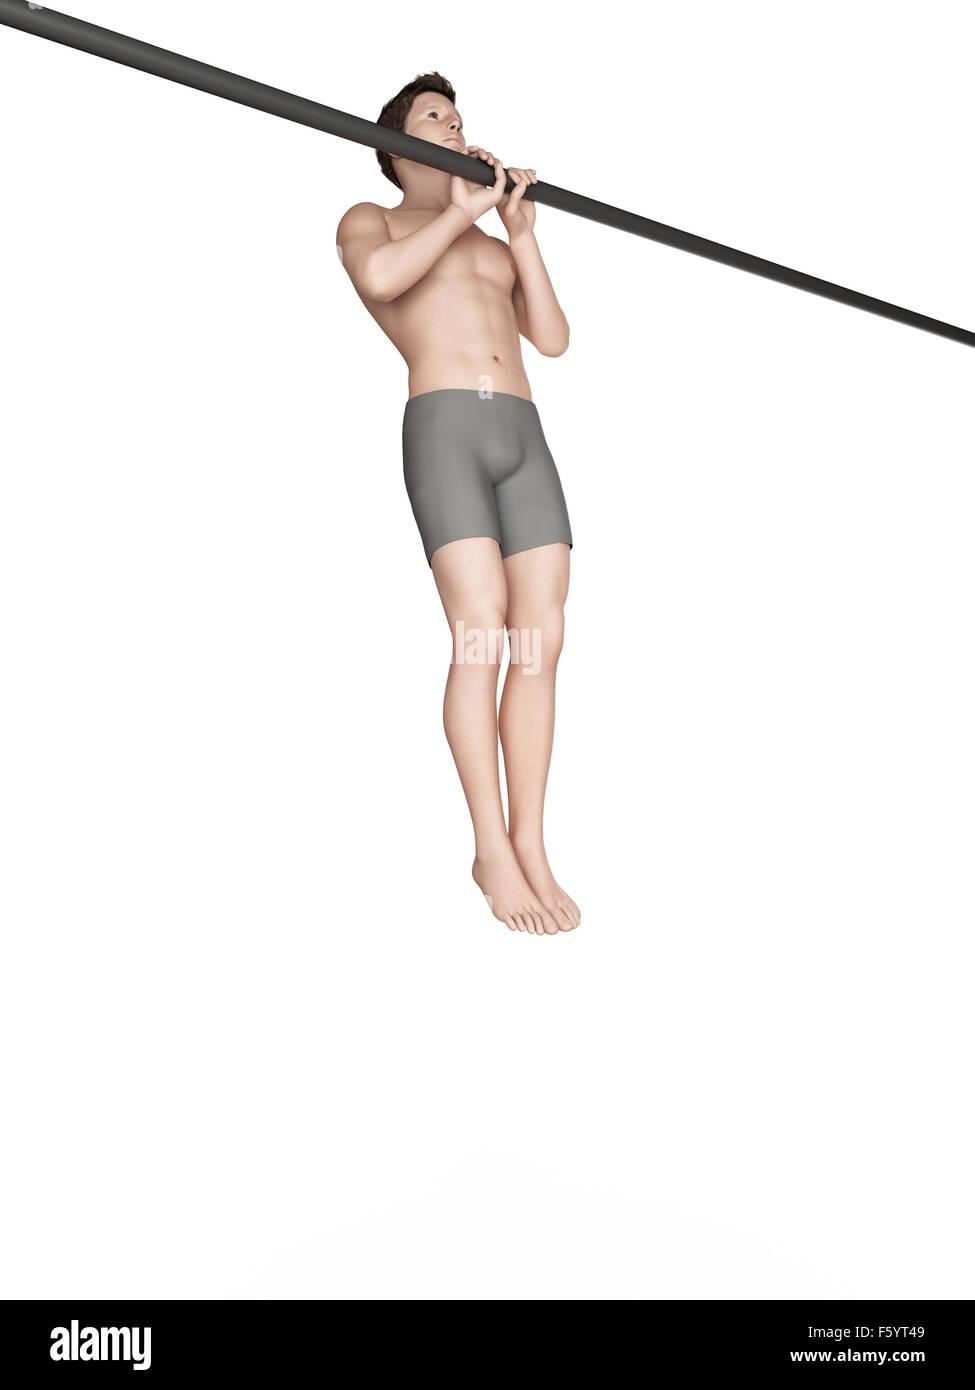 Esercizio illustrazione - chiudere la presa di pull up Immagini Stock